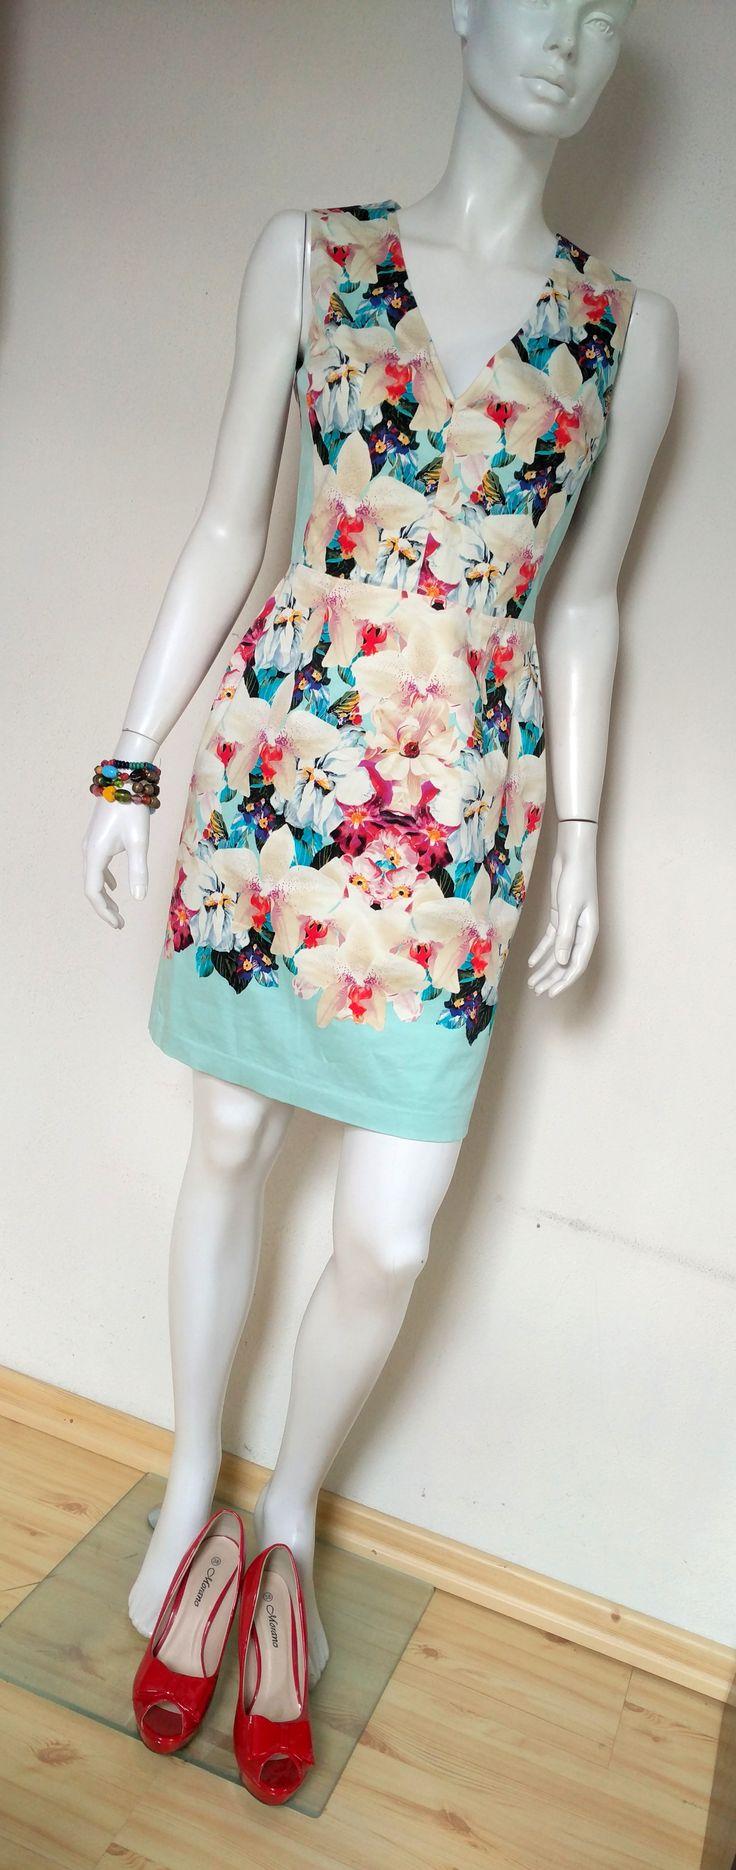 Turkusowo-kremowa sukienka w kwiaty 36 S  #sukienka #sukienkaolowkowa #sukienka36 #sukienkawkwiaty #storczyki #turkusowasukienka #kremowasukienka